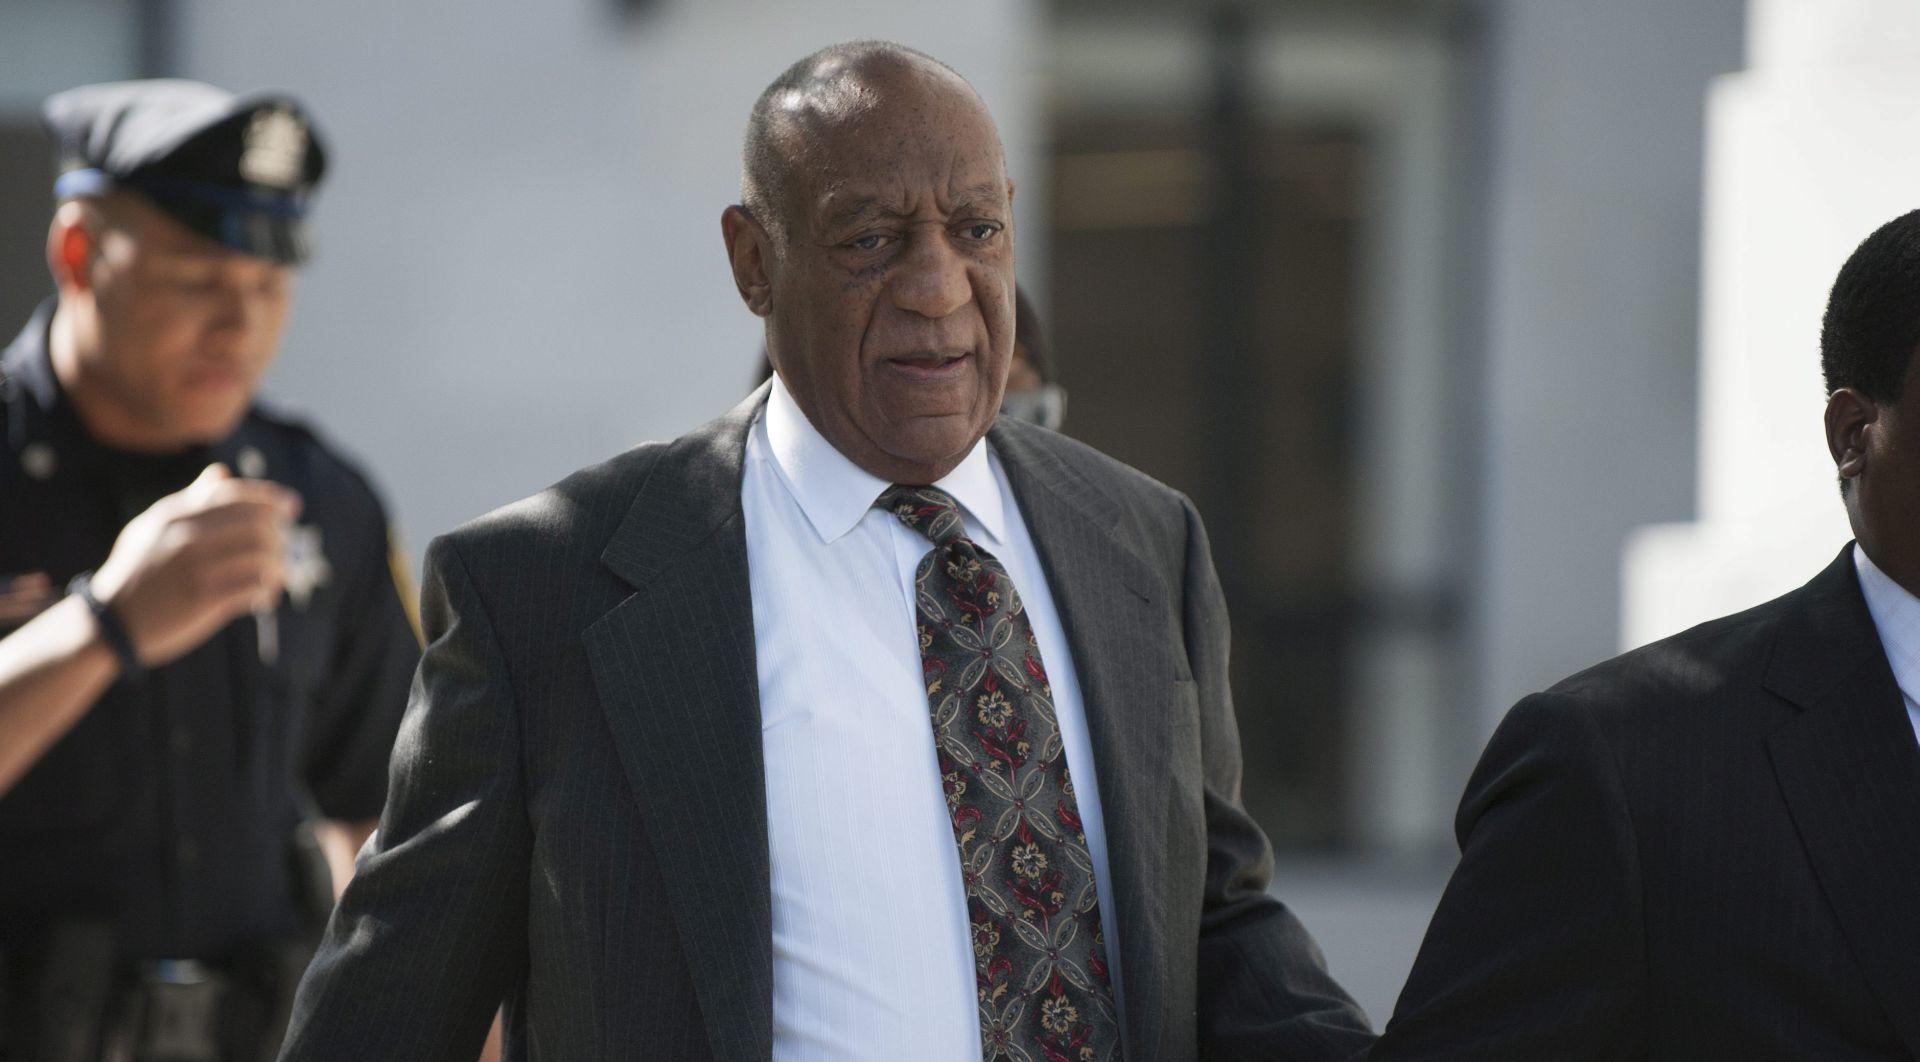 PRIKUPILI SU DOVOLJNO DOKAZA Bill Cosby ide na suđenje, prijeti mu 10 godina zatvora